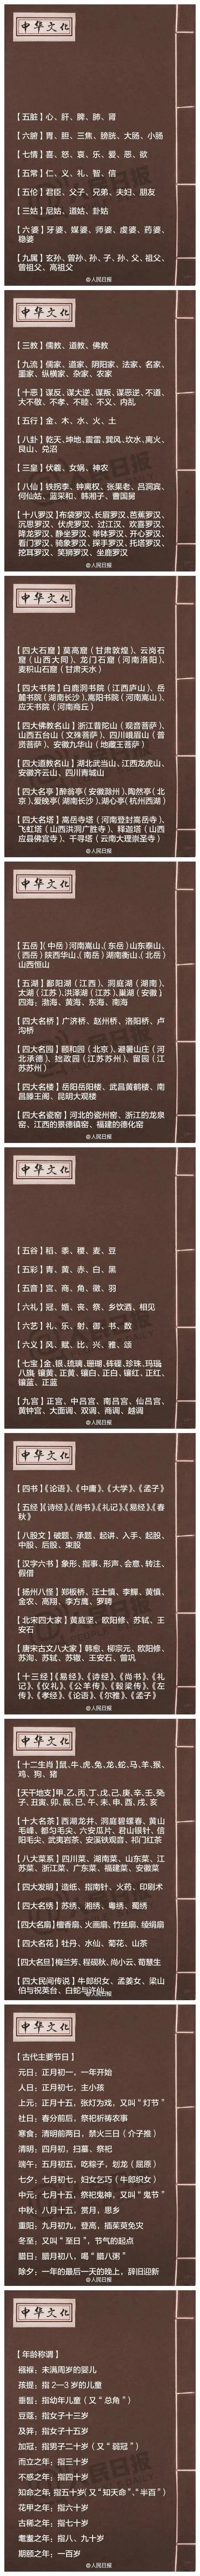 常识积累:中华文化常识集锦